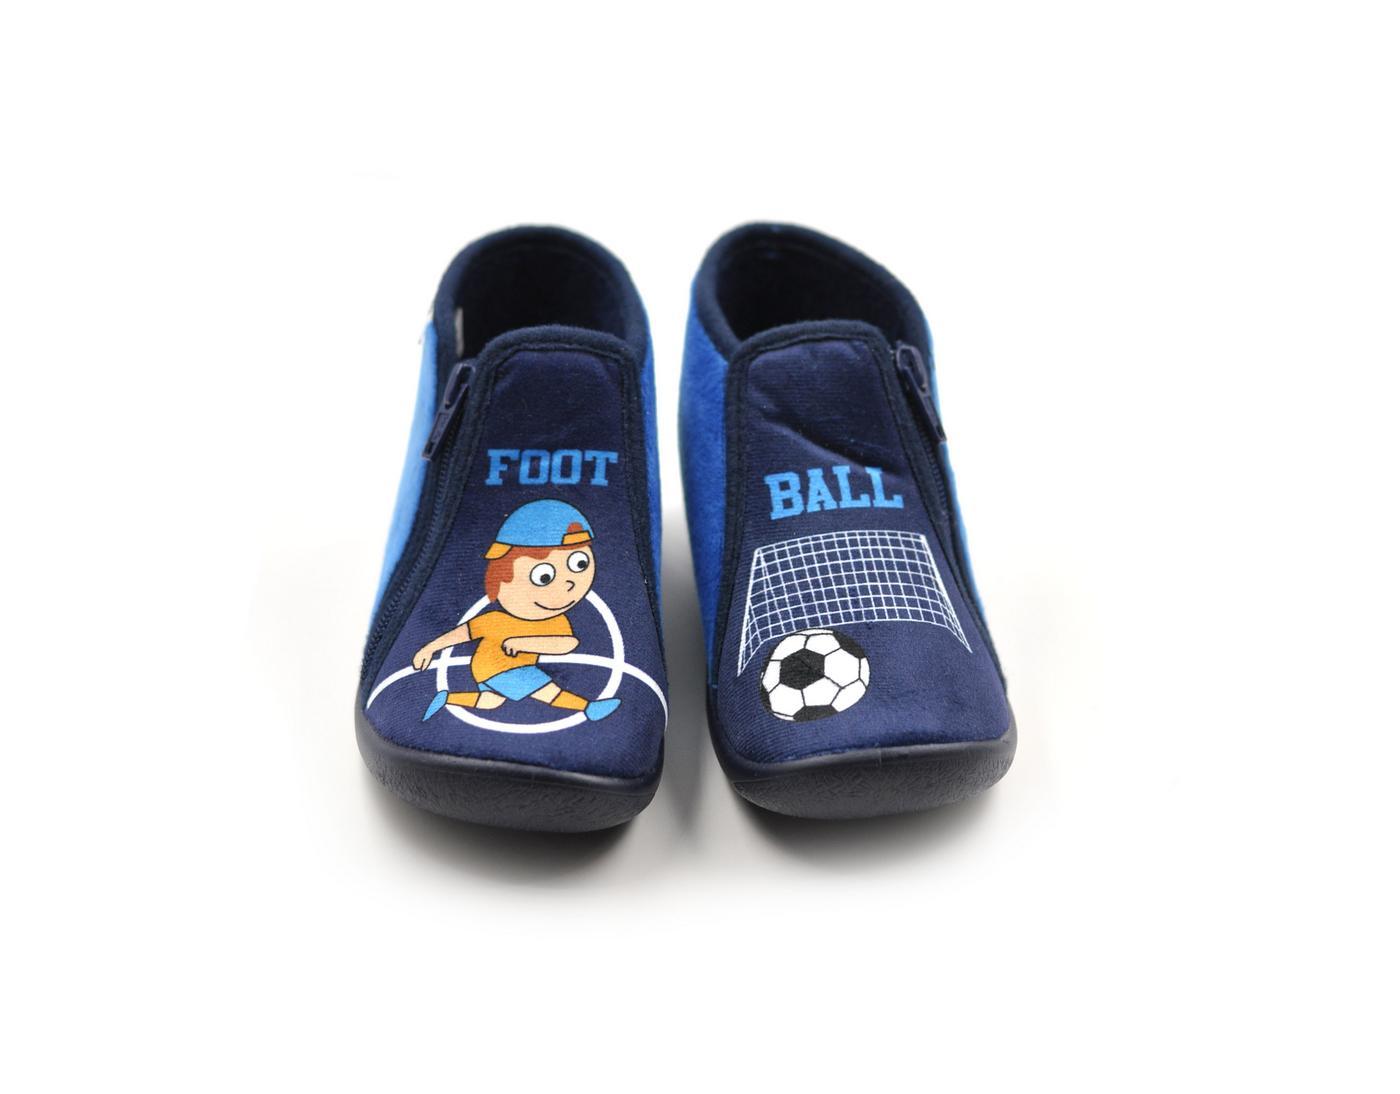 Παιδική ανατομική παντόφλα 6503 μπλε - tatogloushoes.gr e6546bf498a